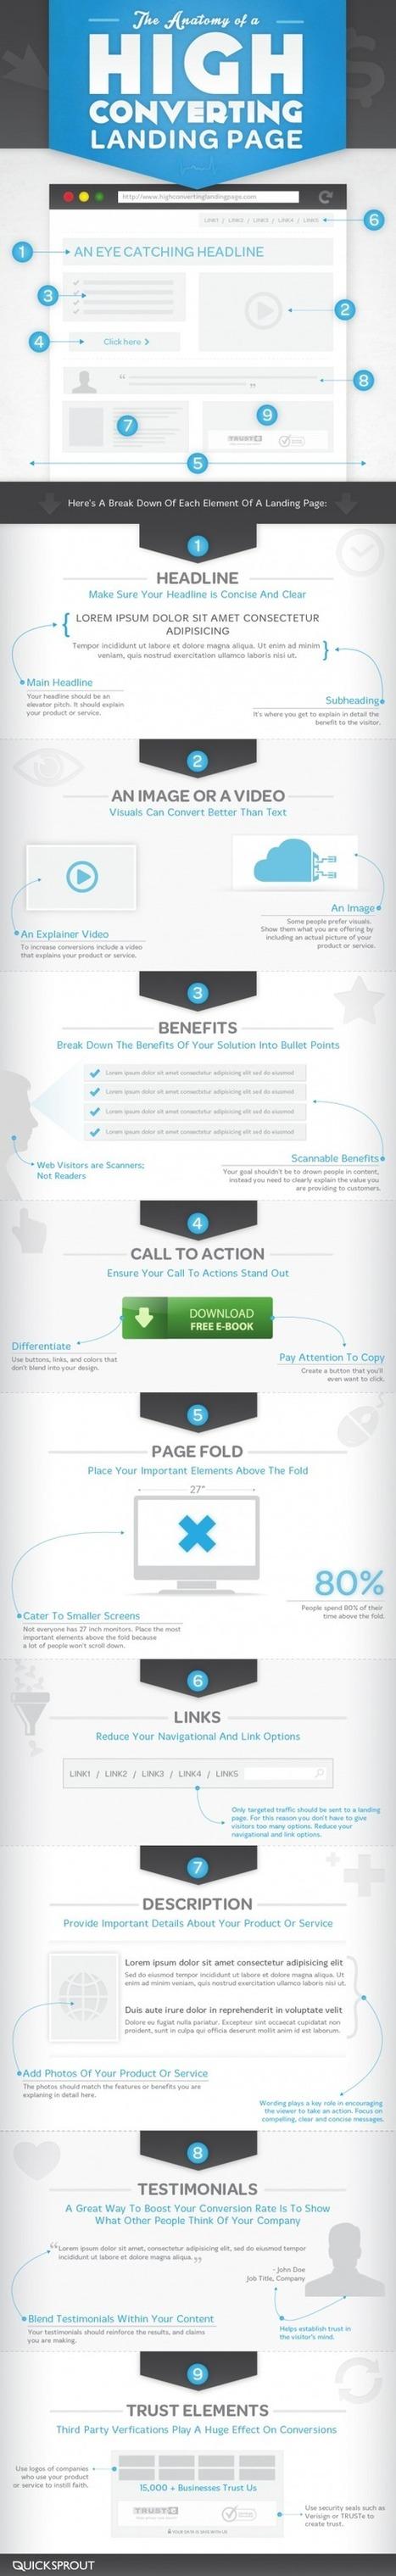 Anatomie d'une Landing Page qui Convertit Très Bien | Emarketinglicious | Web development | Scoop.it